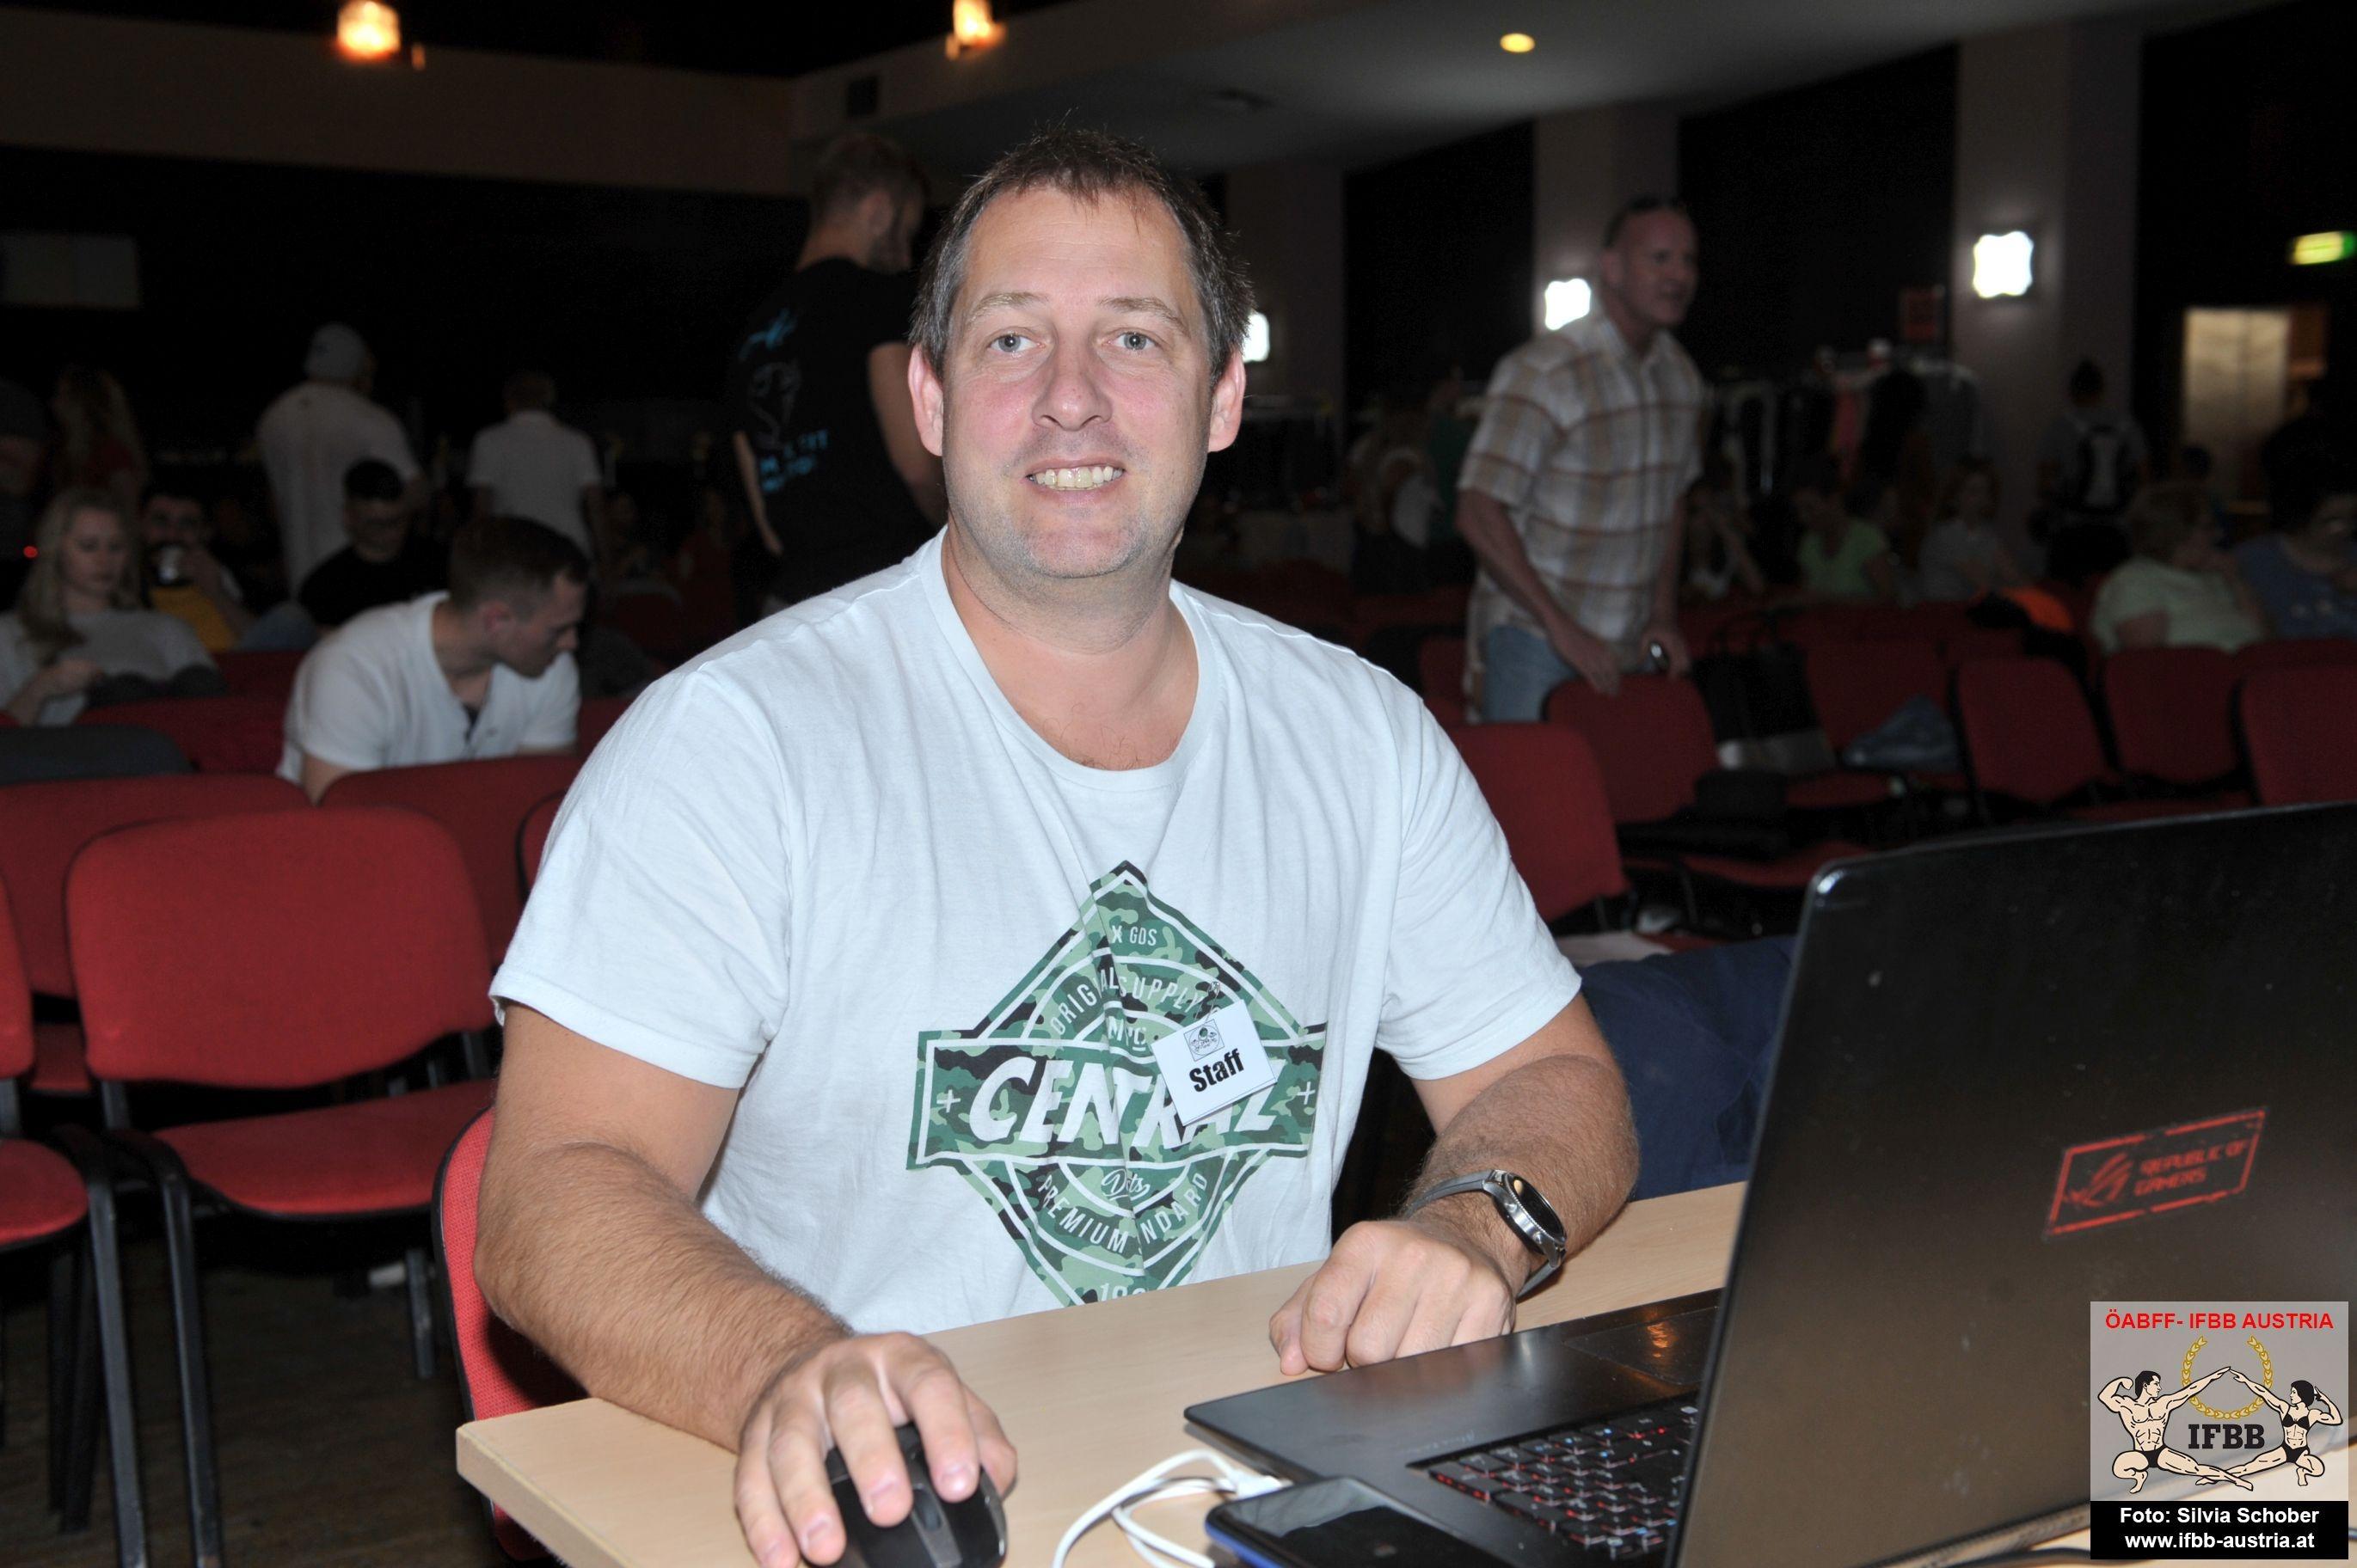 Vor den Vorhang: Stefan Kasparek ist unser Webmaster